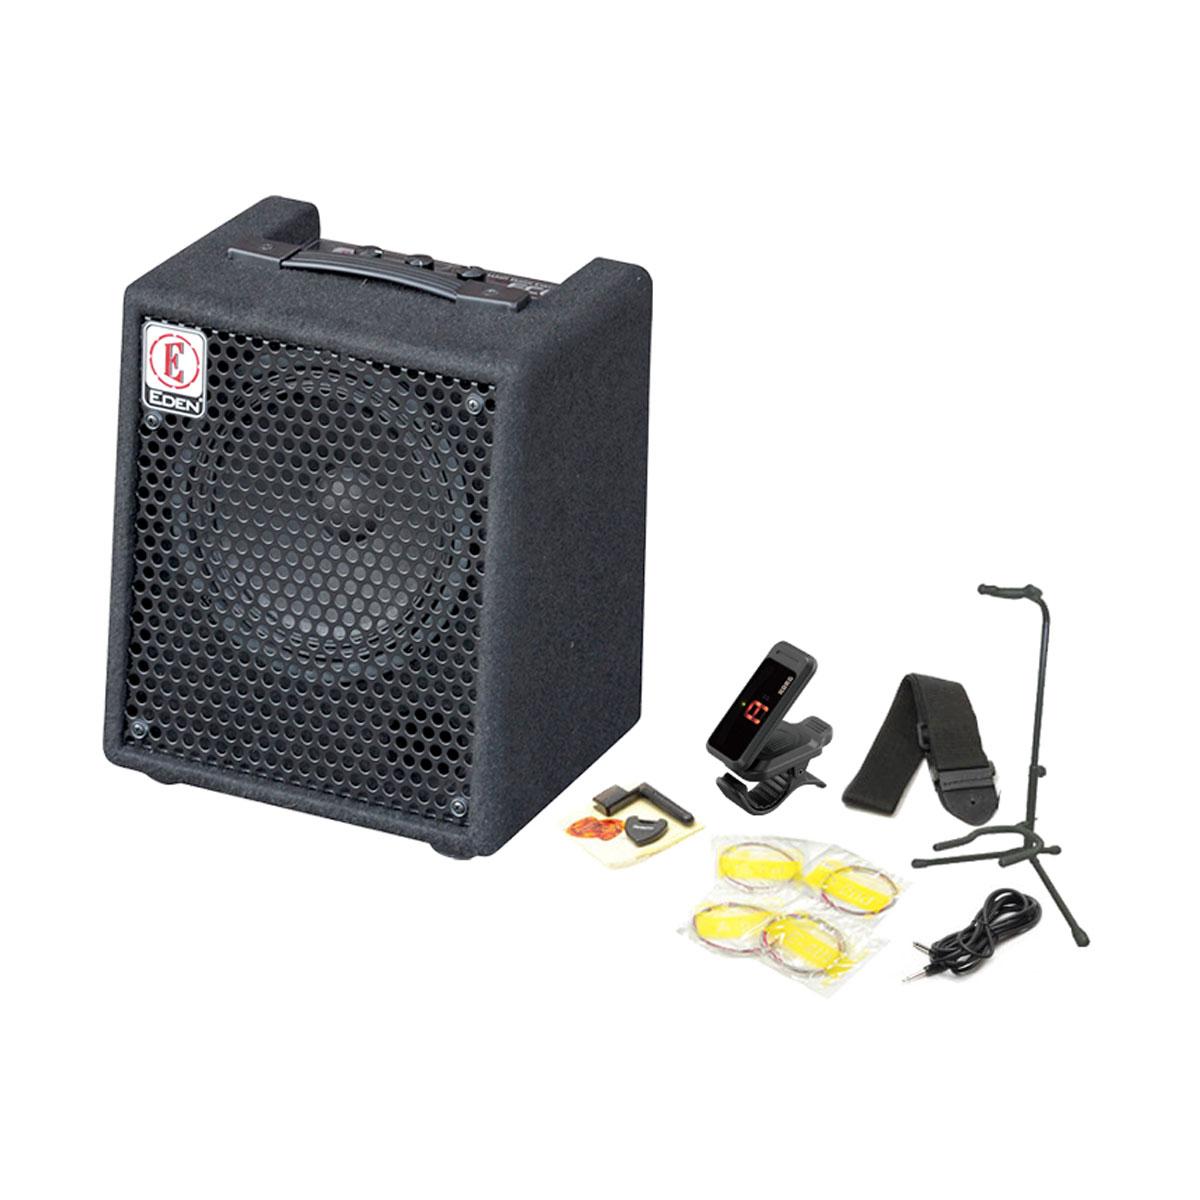 憧れの EDEN/ Starter EC8 Bass Amp Set Starter Set【これさえあれば EC8、すぐに練習が始められる!ベース用アンプ&アクセサリーの充実スターターセット!】【YRK】, カシマグン:b0d381ef --- canoncity.azurewebsites.net